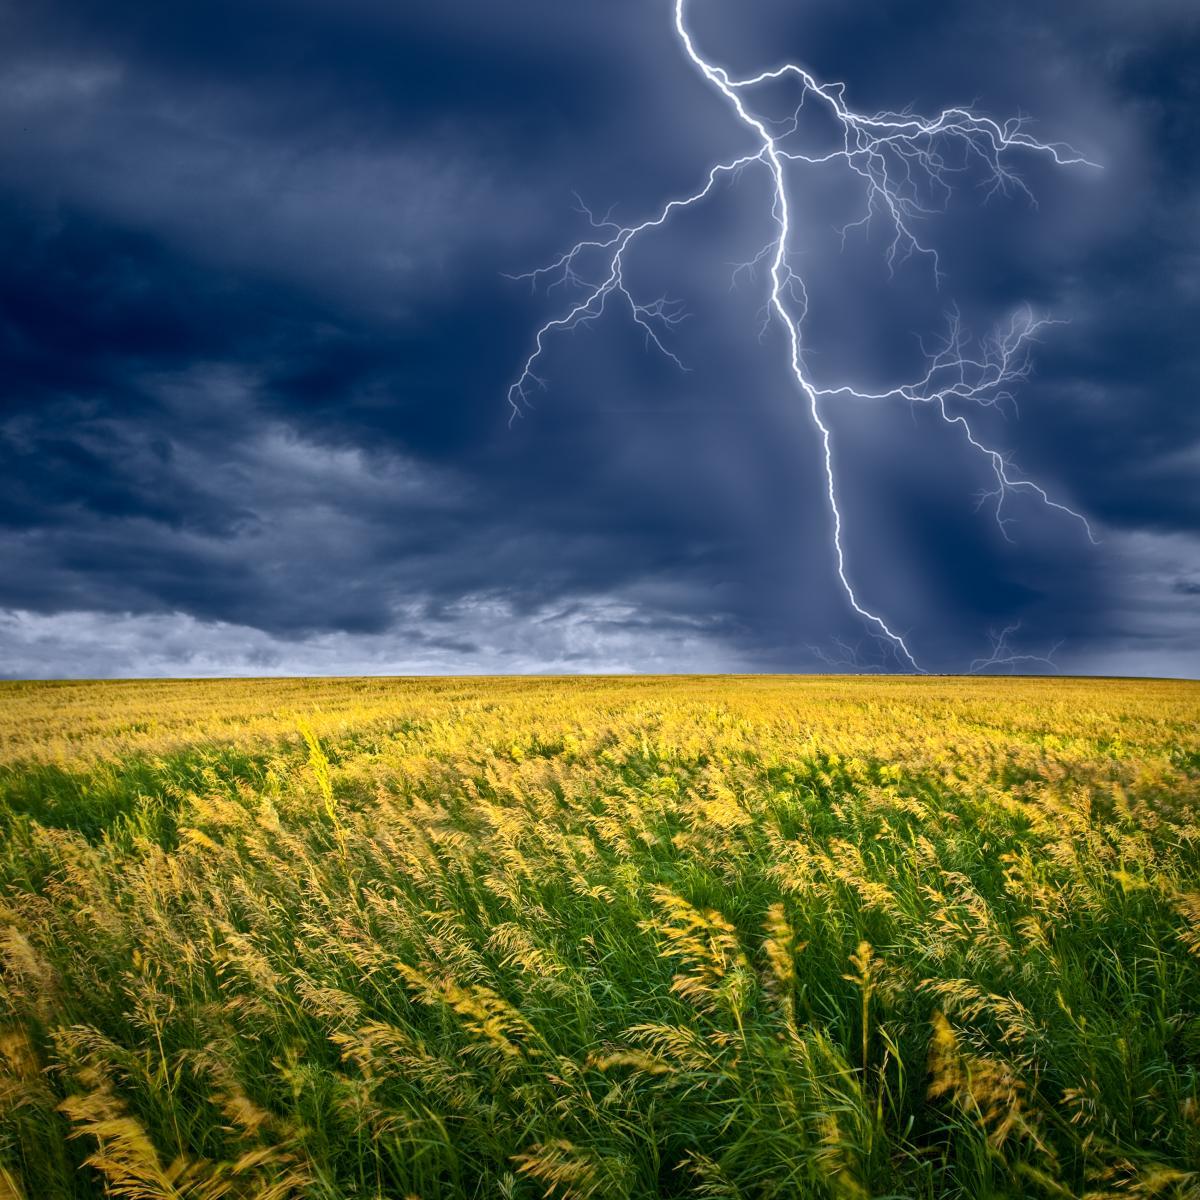 Сегодня в Украине ожидаются грозы / фото ua.depositphotos.com